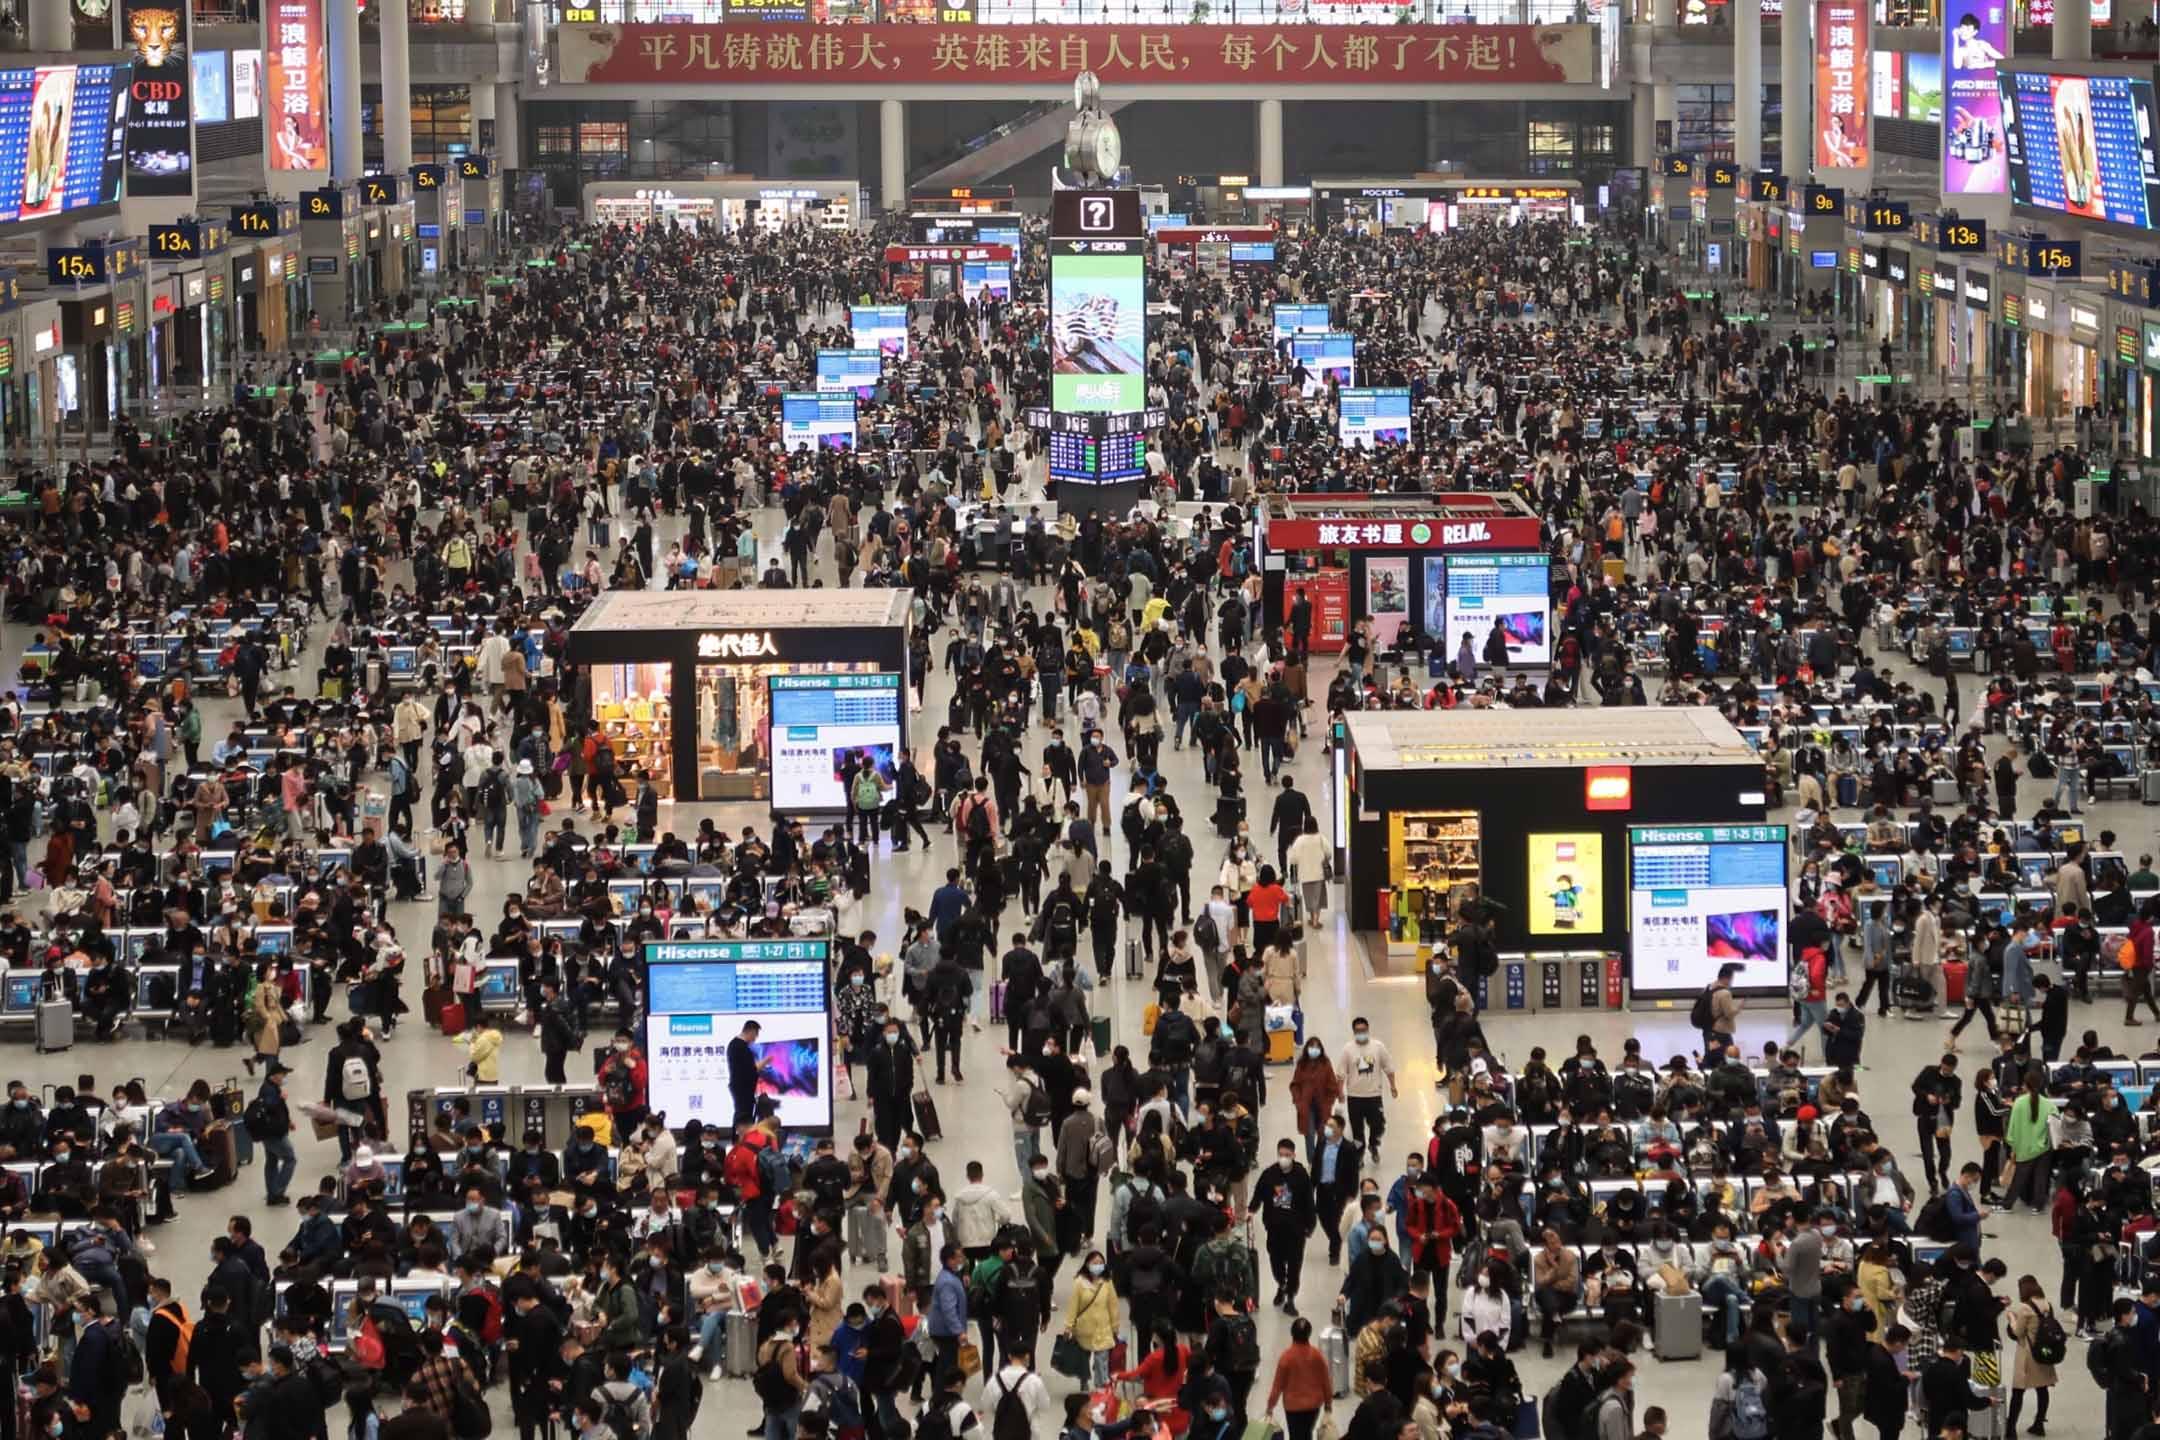 2021年4月2日上海,清明節假期,乘客擁擠在火車站。